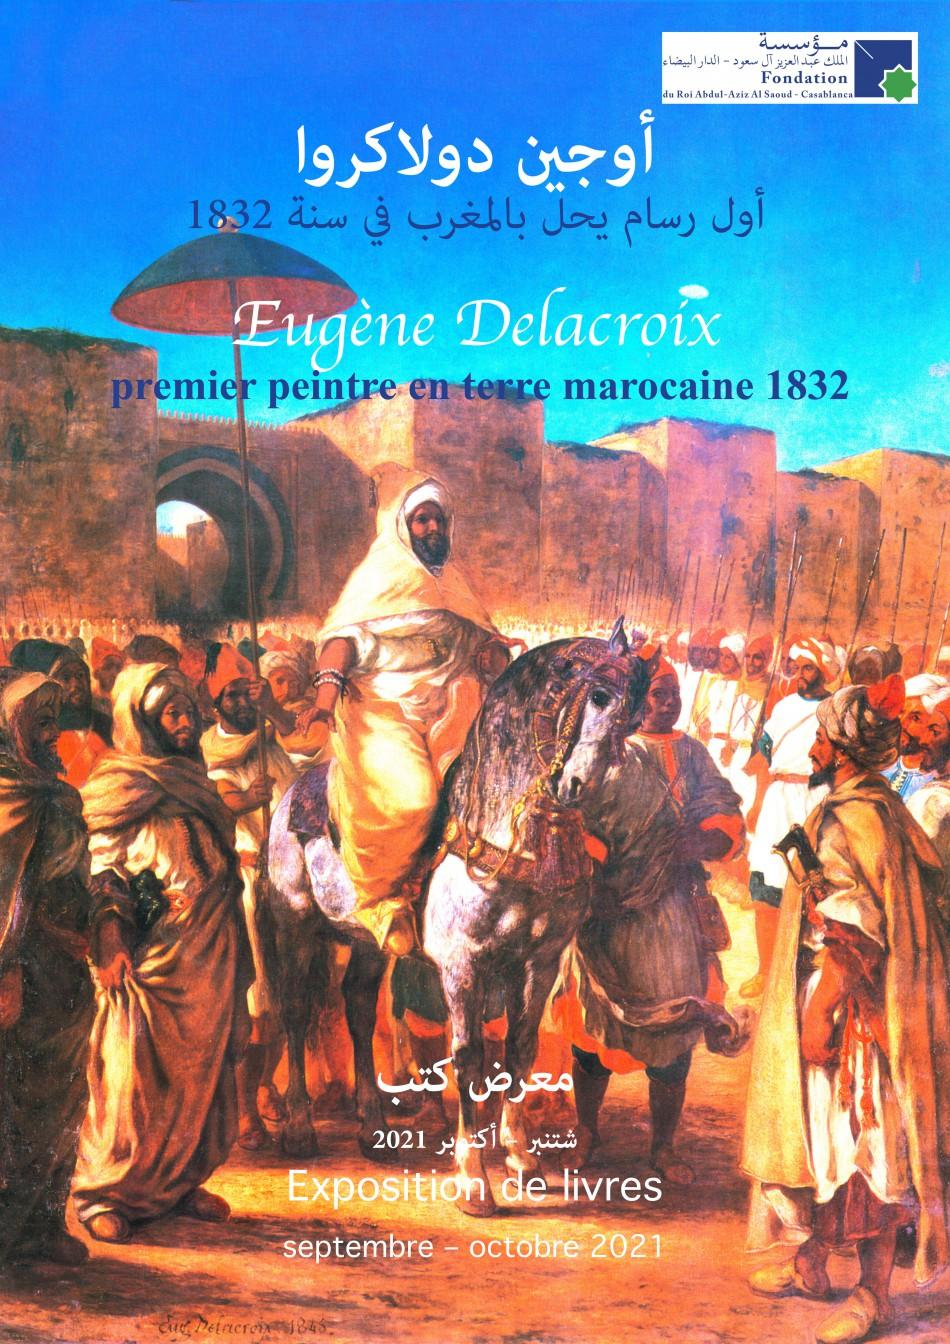 Exposition du mois : Eugène Delacroix, premier peintre en terre marocaine, 1832